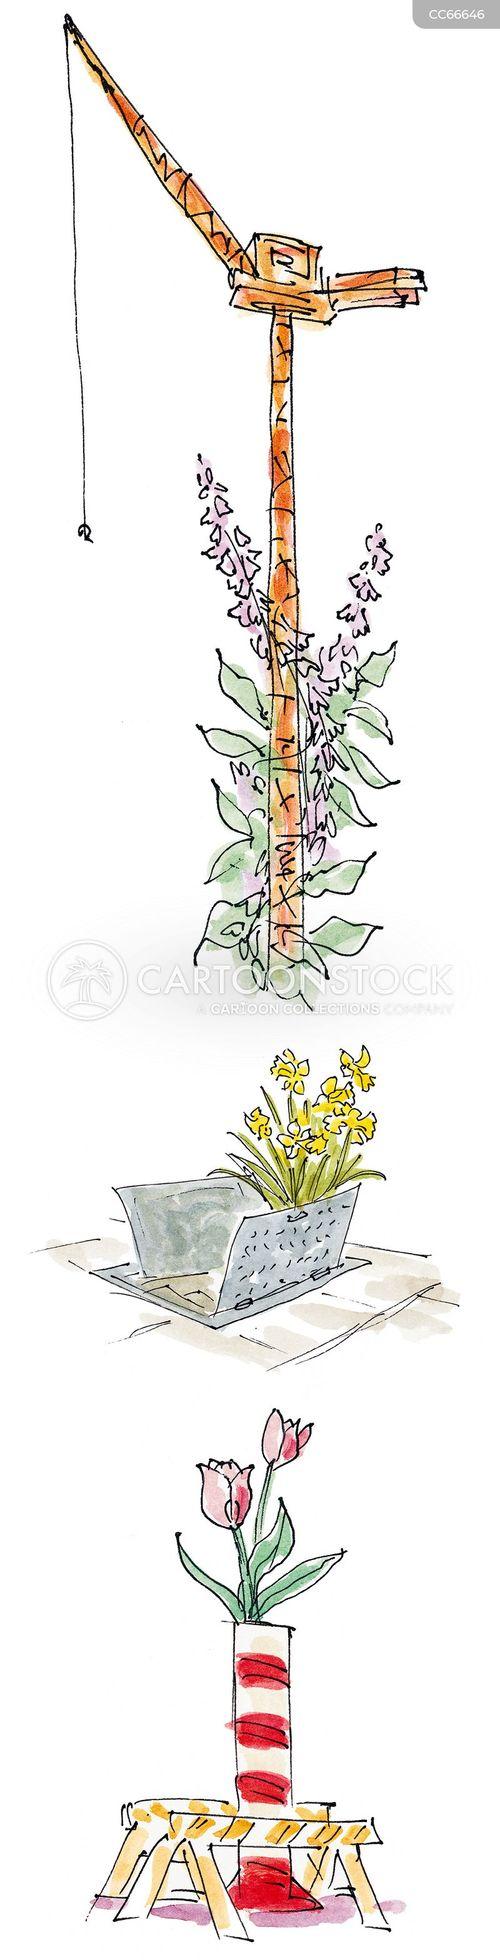 bloom cartoon